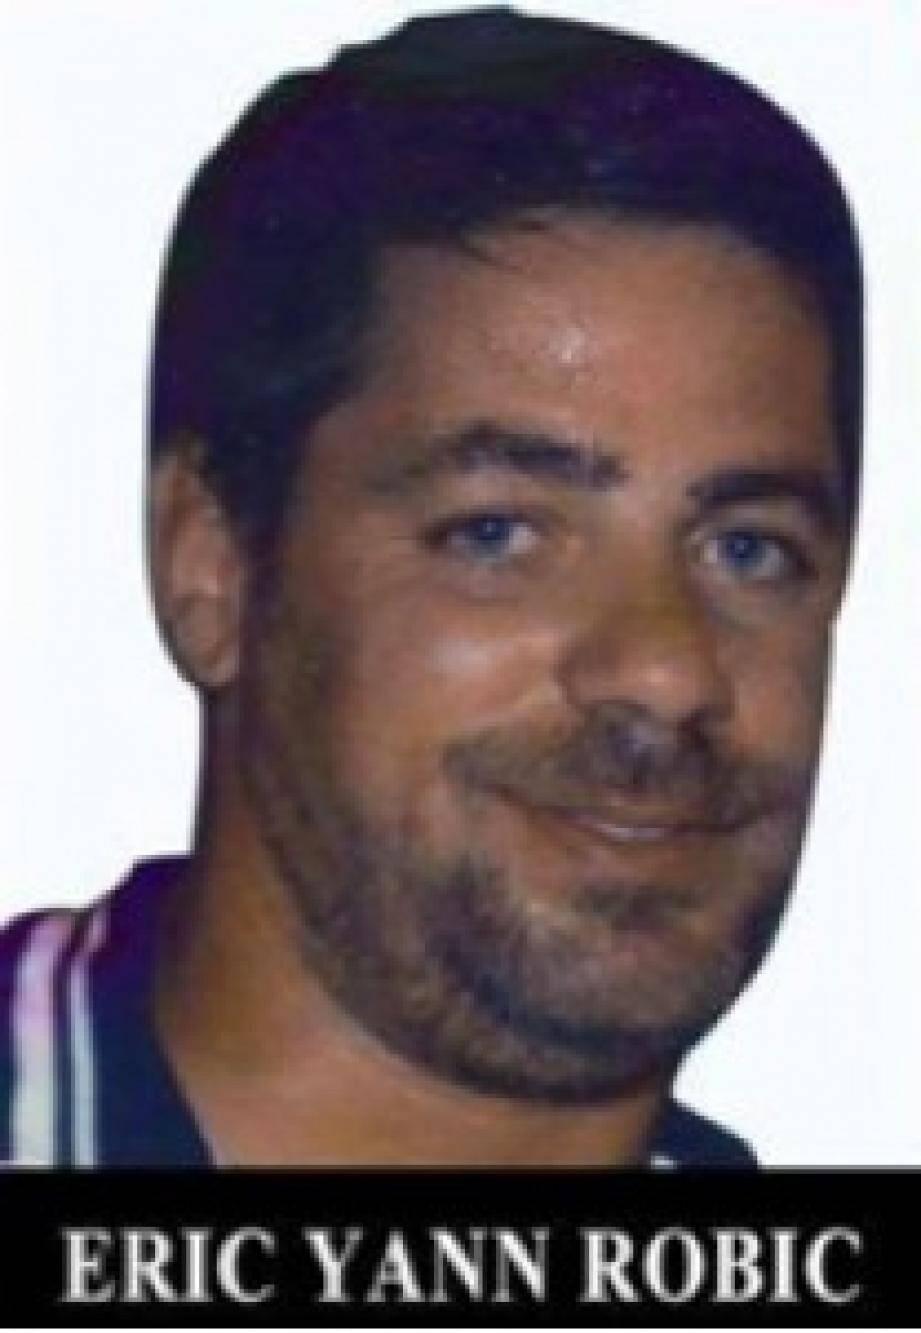 Lee Zeitouni, jeune Israélienne de 25 ans, avait été renversée en 2011 par une voiture occupée par Eric Robic et Claude Khayat à Tel-Aviv en Israël. Ils avaient alors regagné précipitamment la France, pour fuir la justice israélienne.